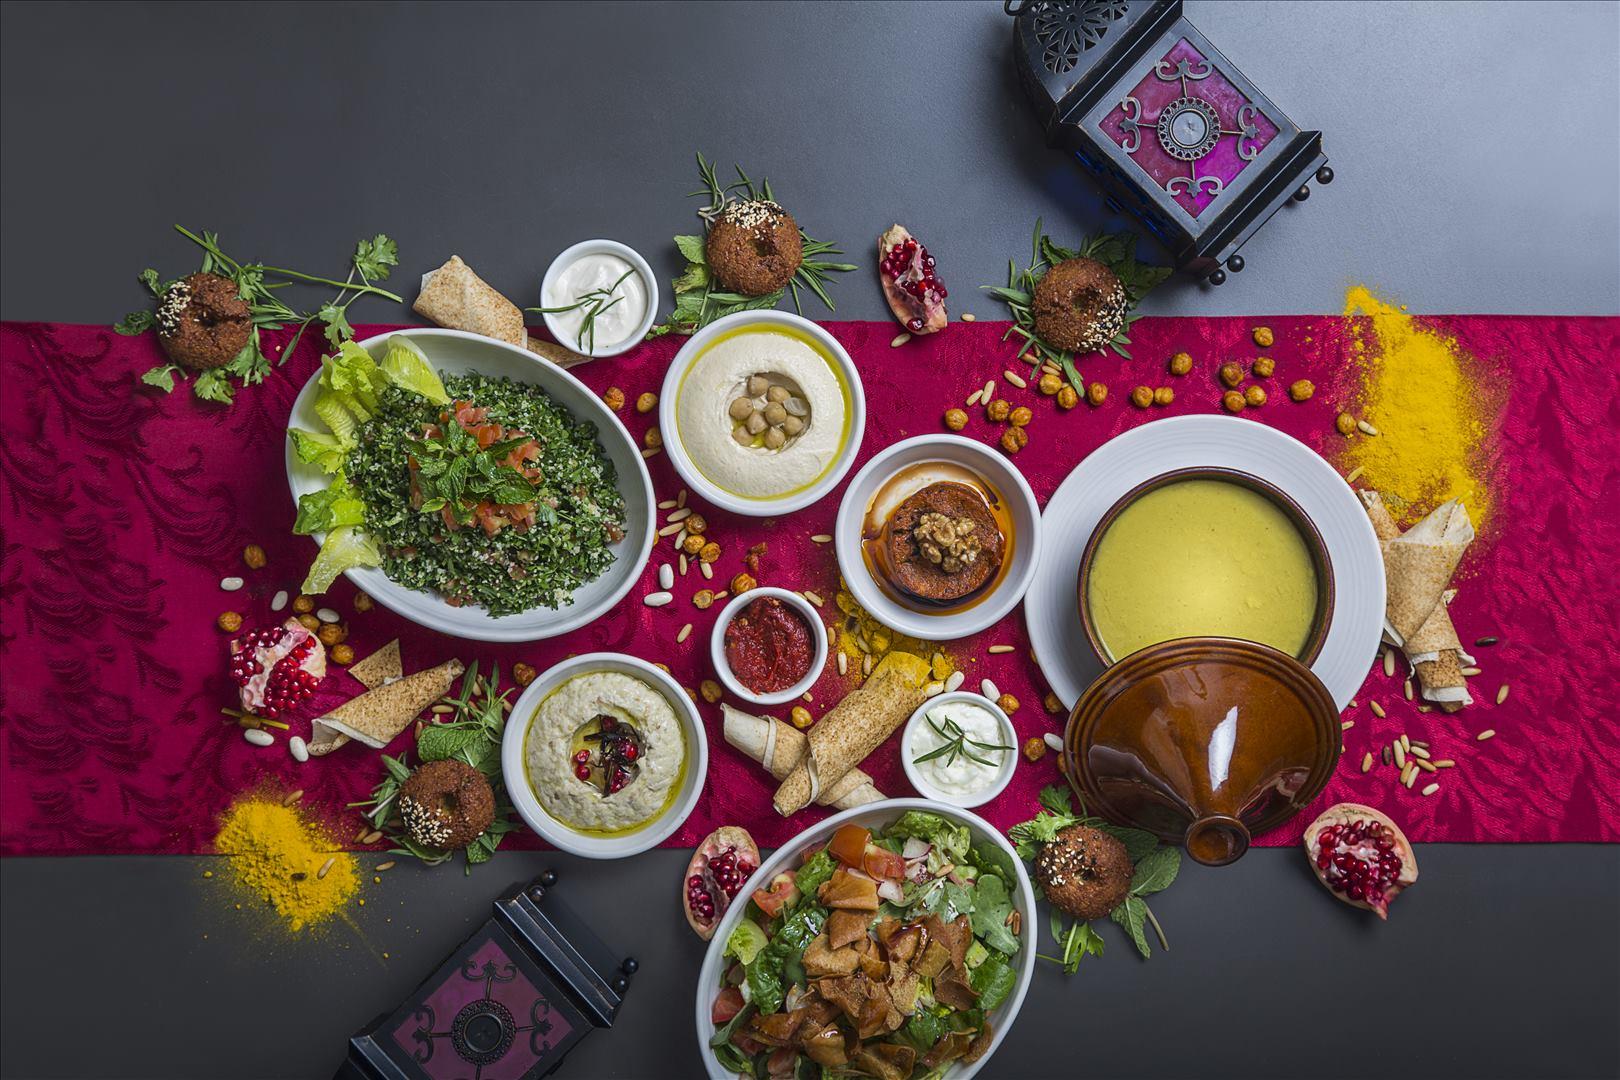 فندق منزل وسط المدينة يكشف عن عروضه لشهر رمضان المبارك 2019